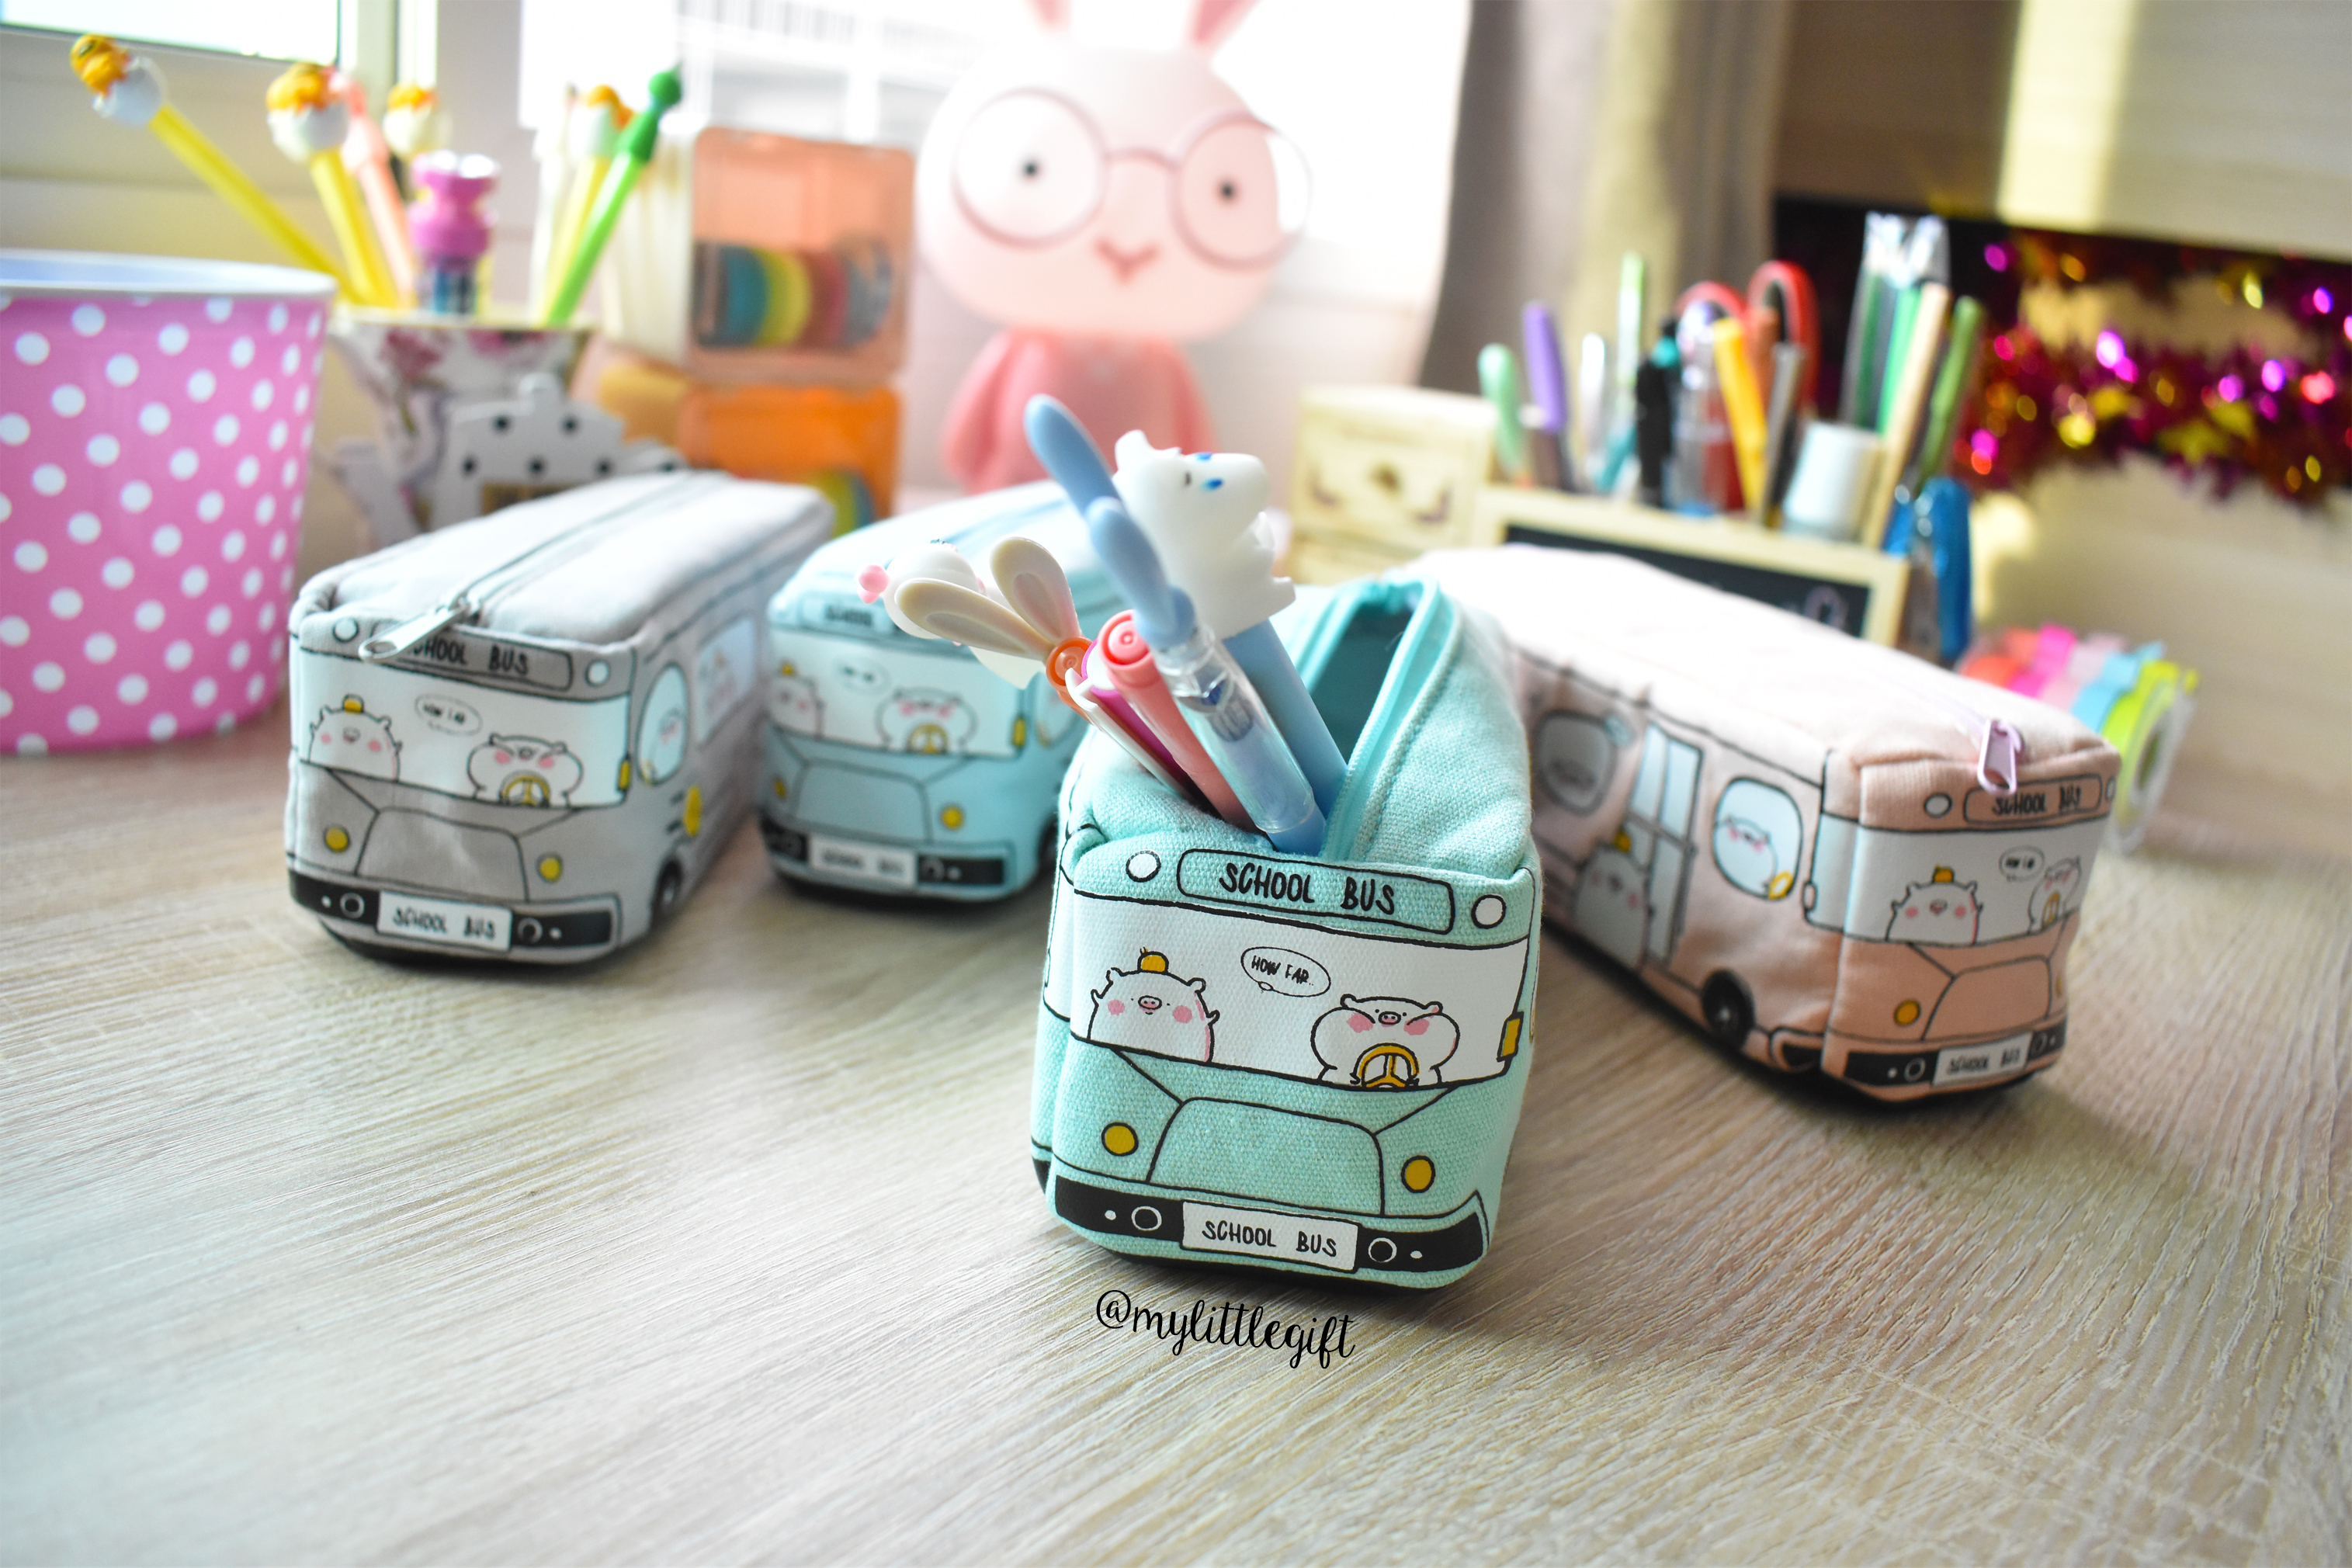 กระเป๋าดินสอผ้า รูปรถโรงเรียน